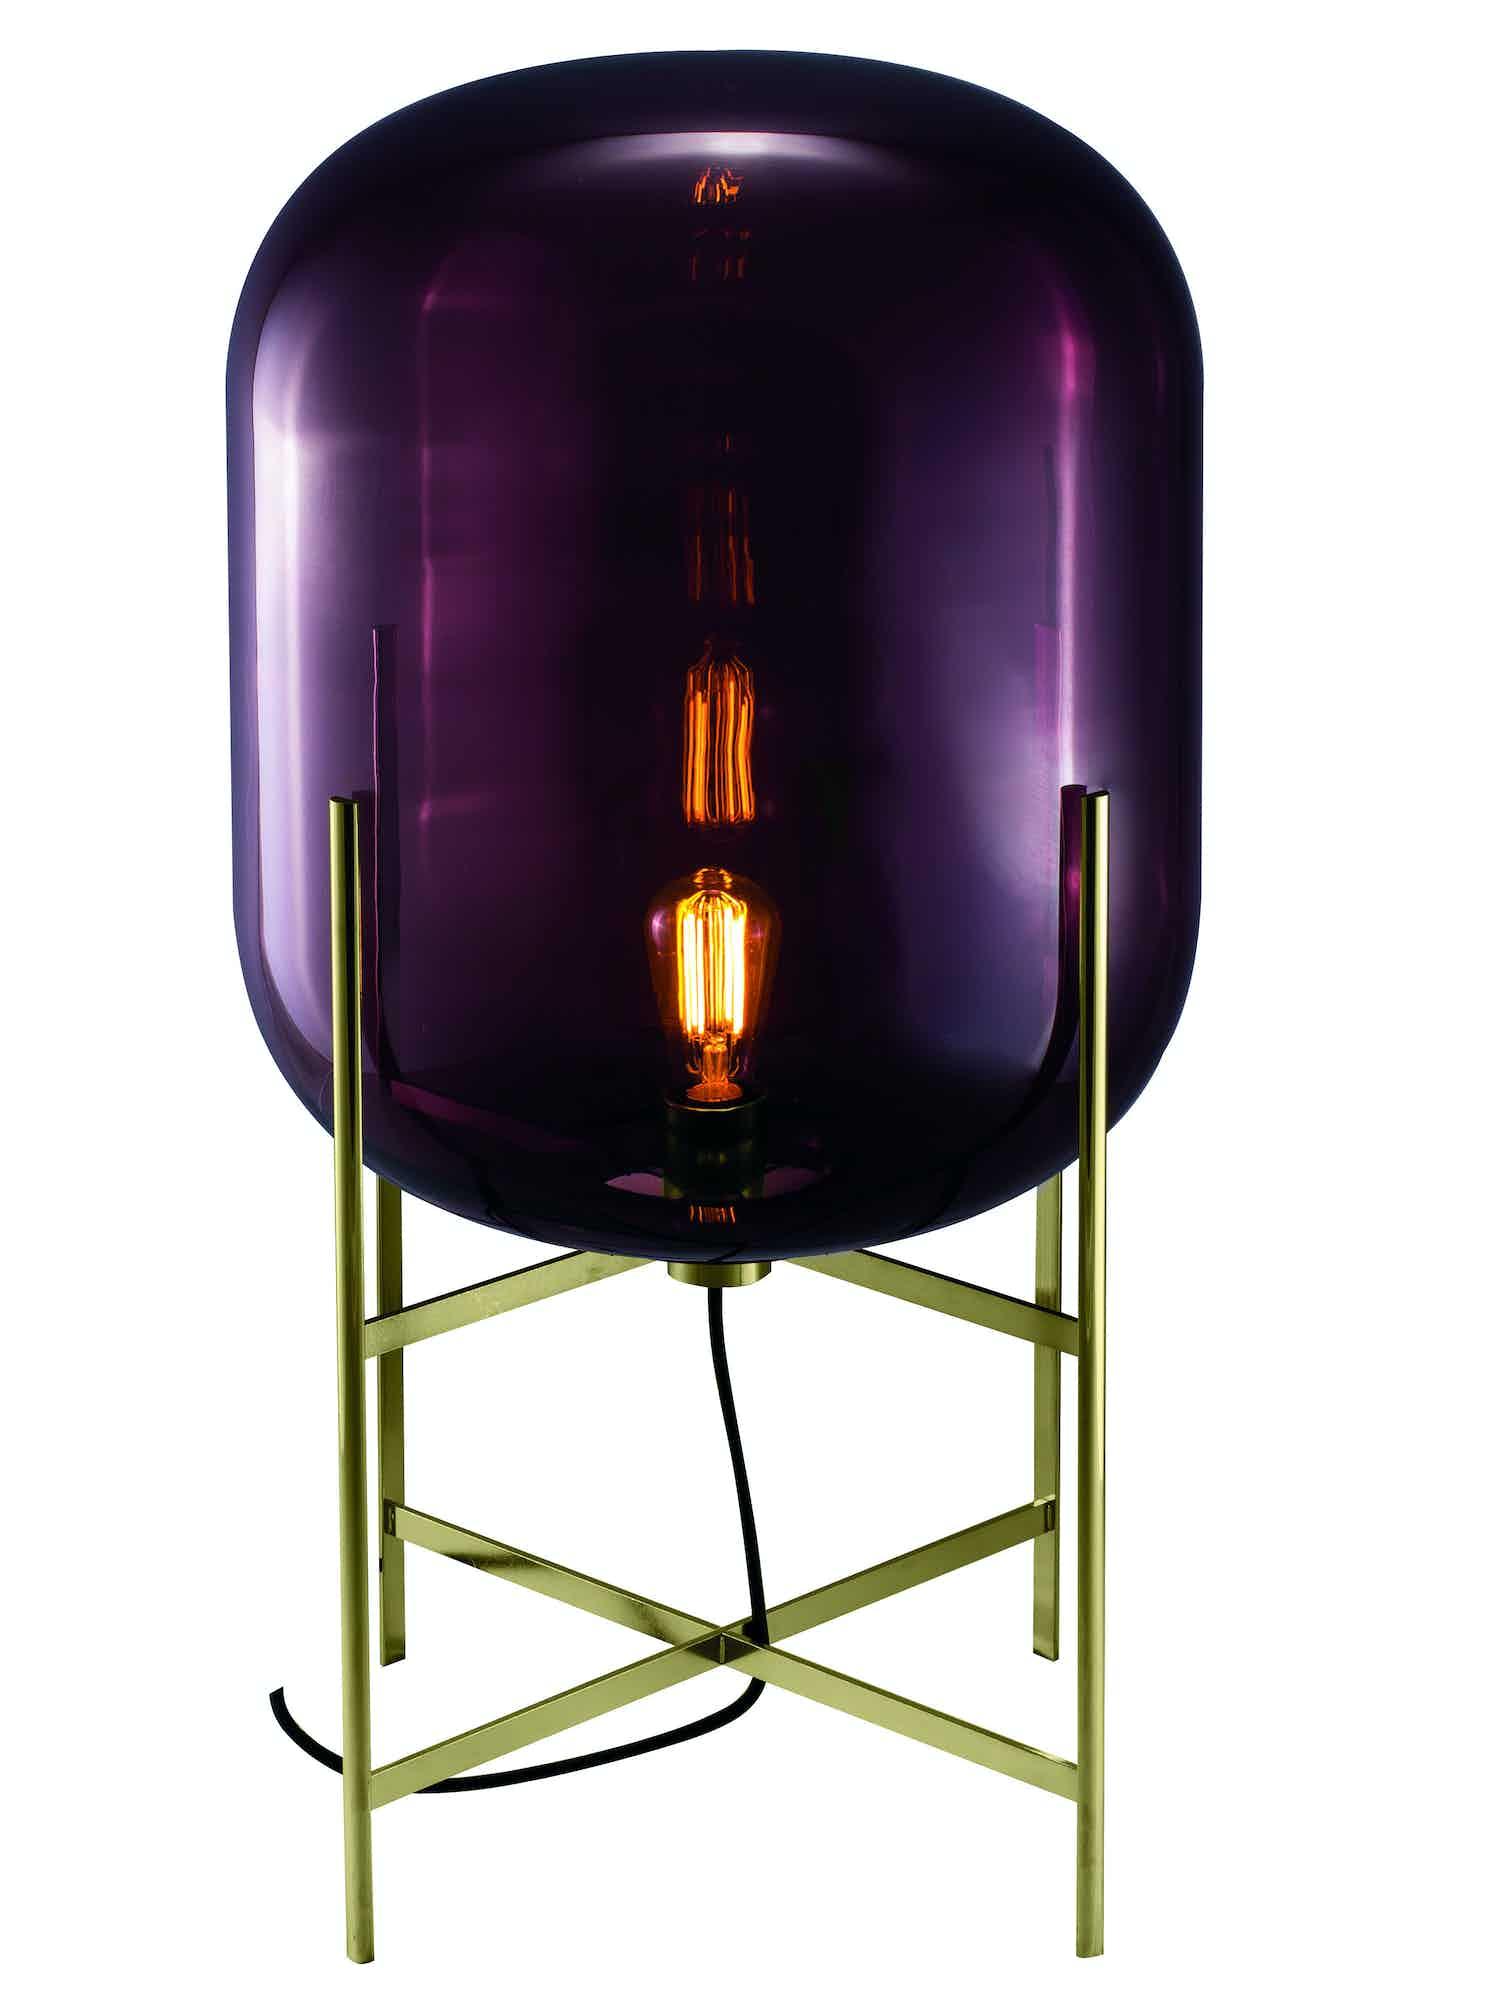 Pulpo furniture oda medium purple transparent haute living